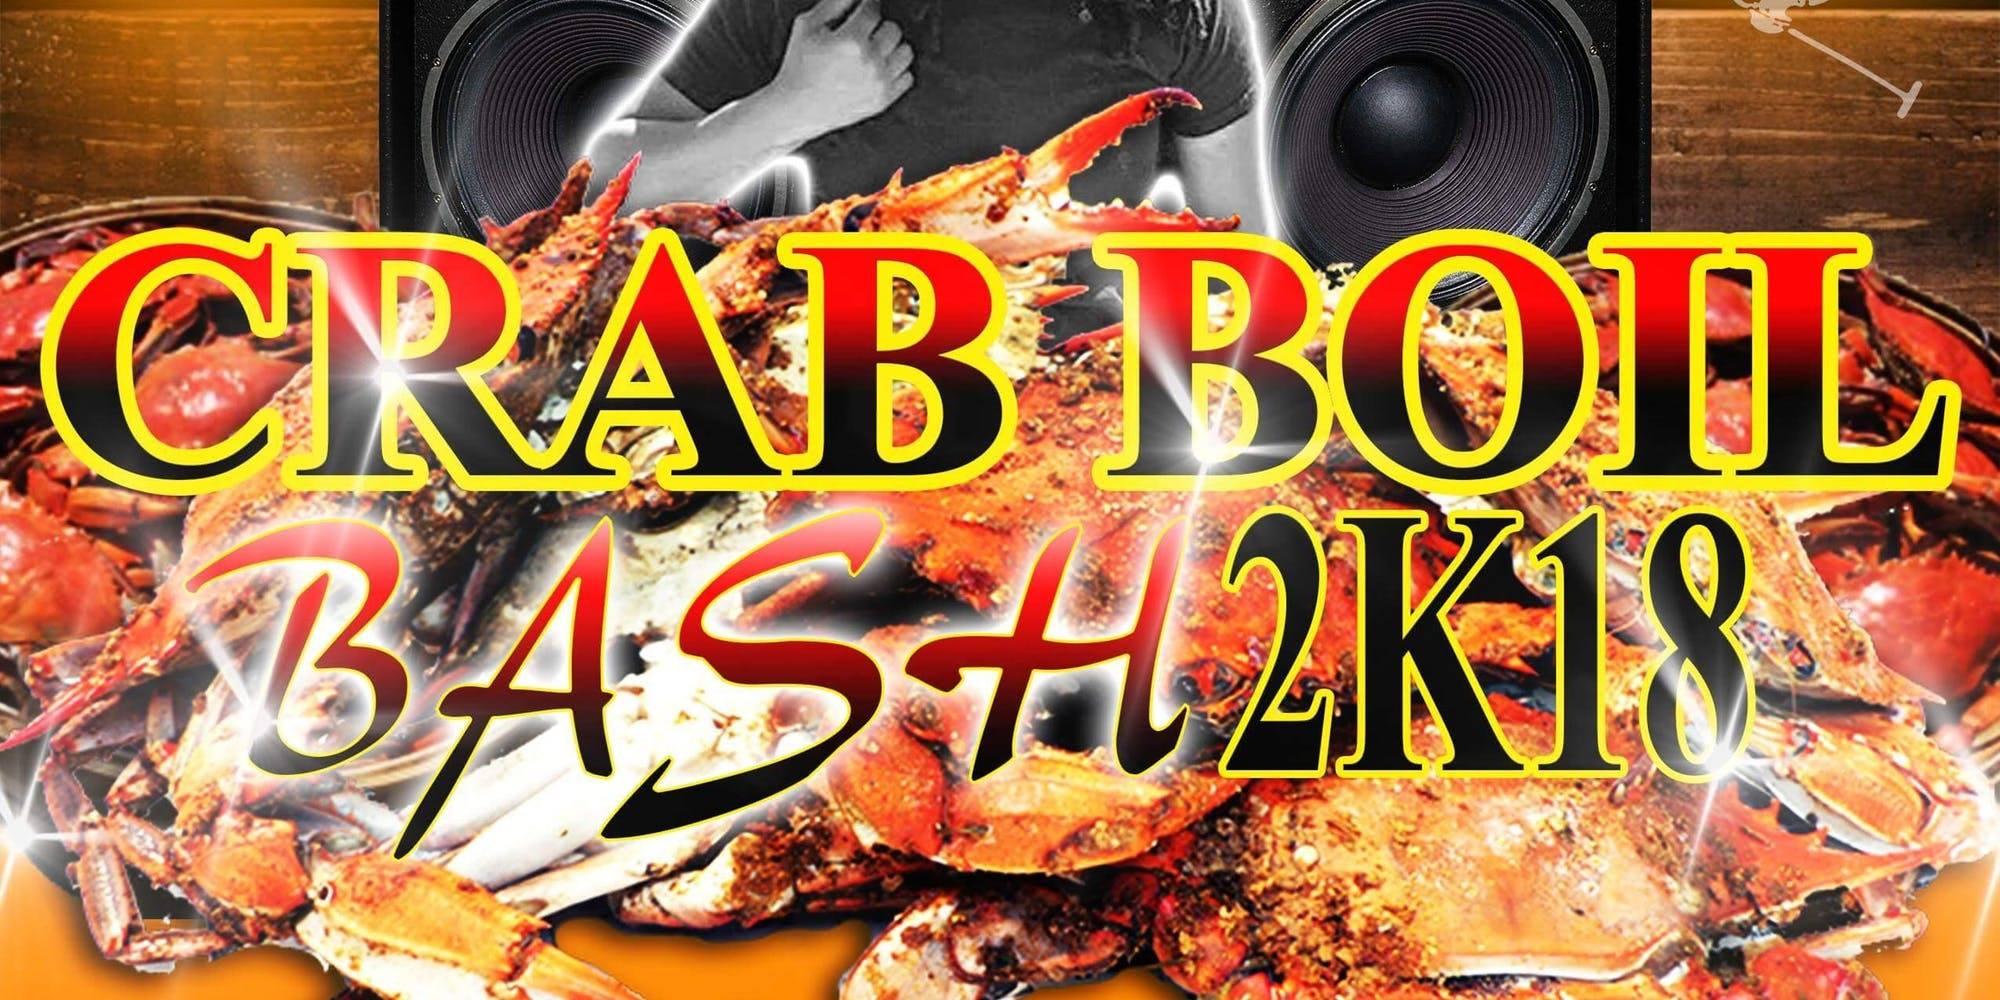 CRAB BOIL BASH 2k18 @ World Famous Imperial Barbershop